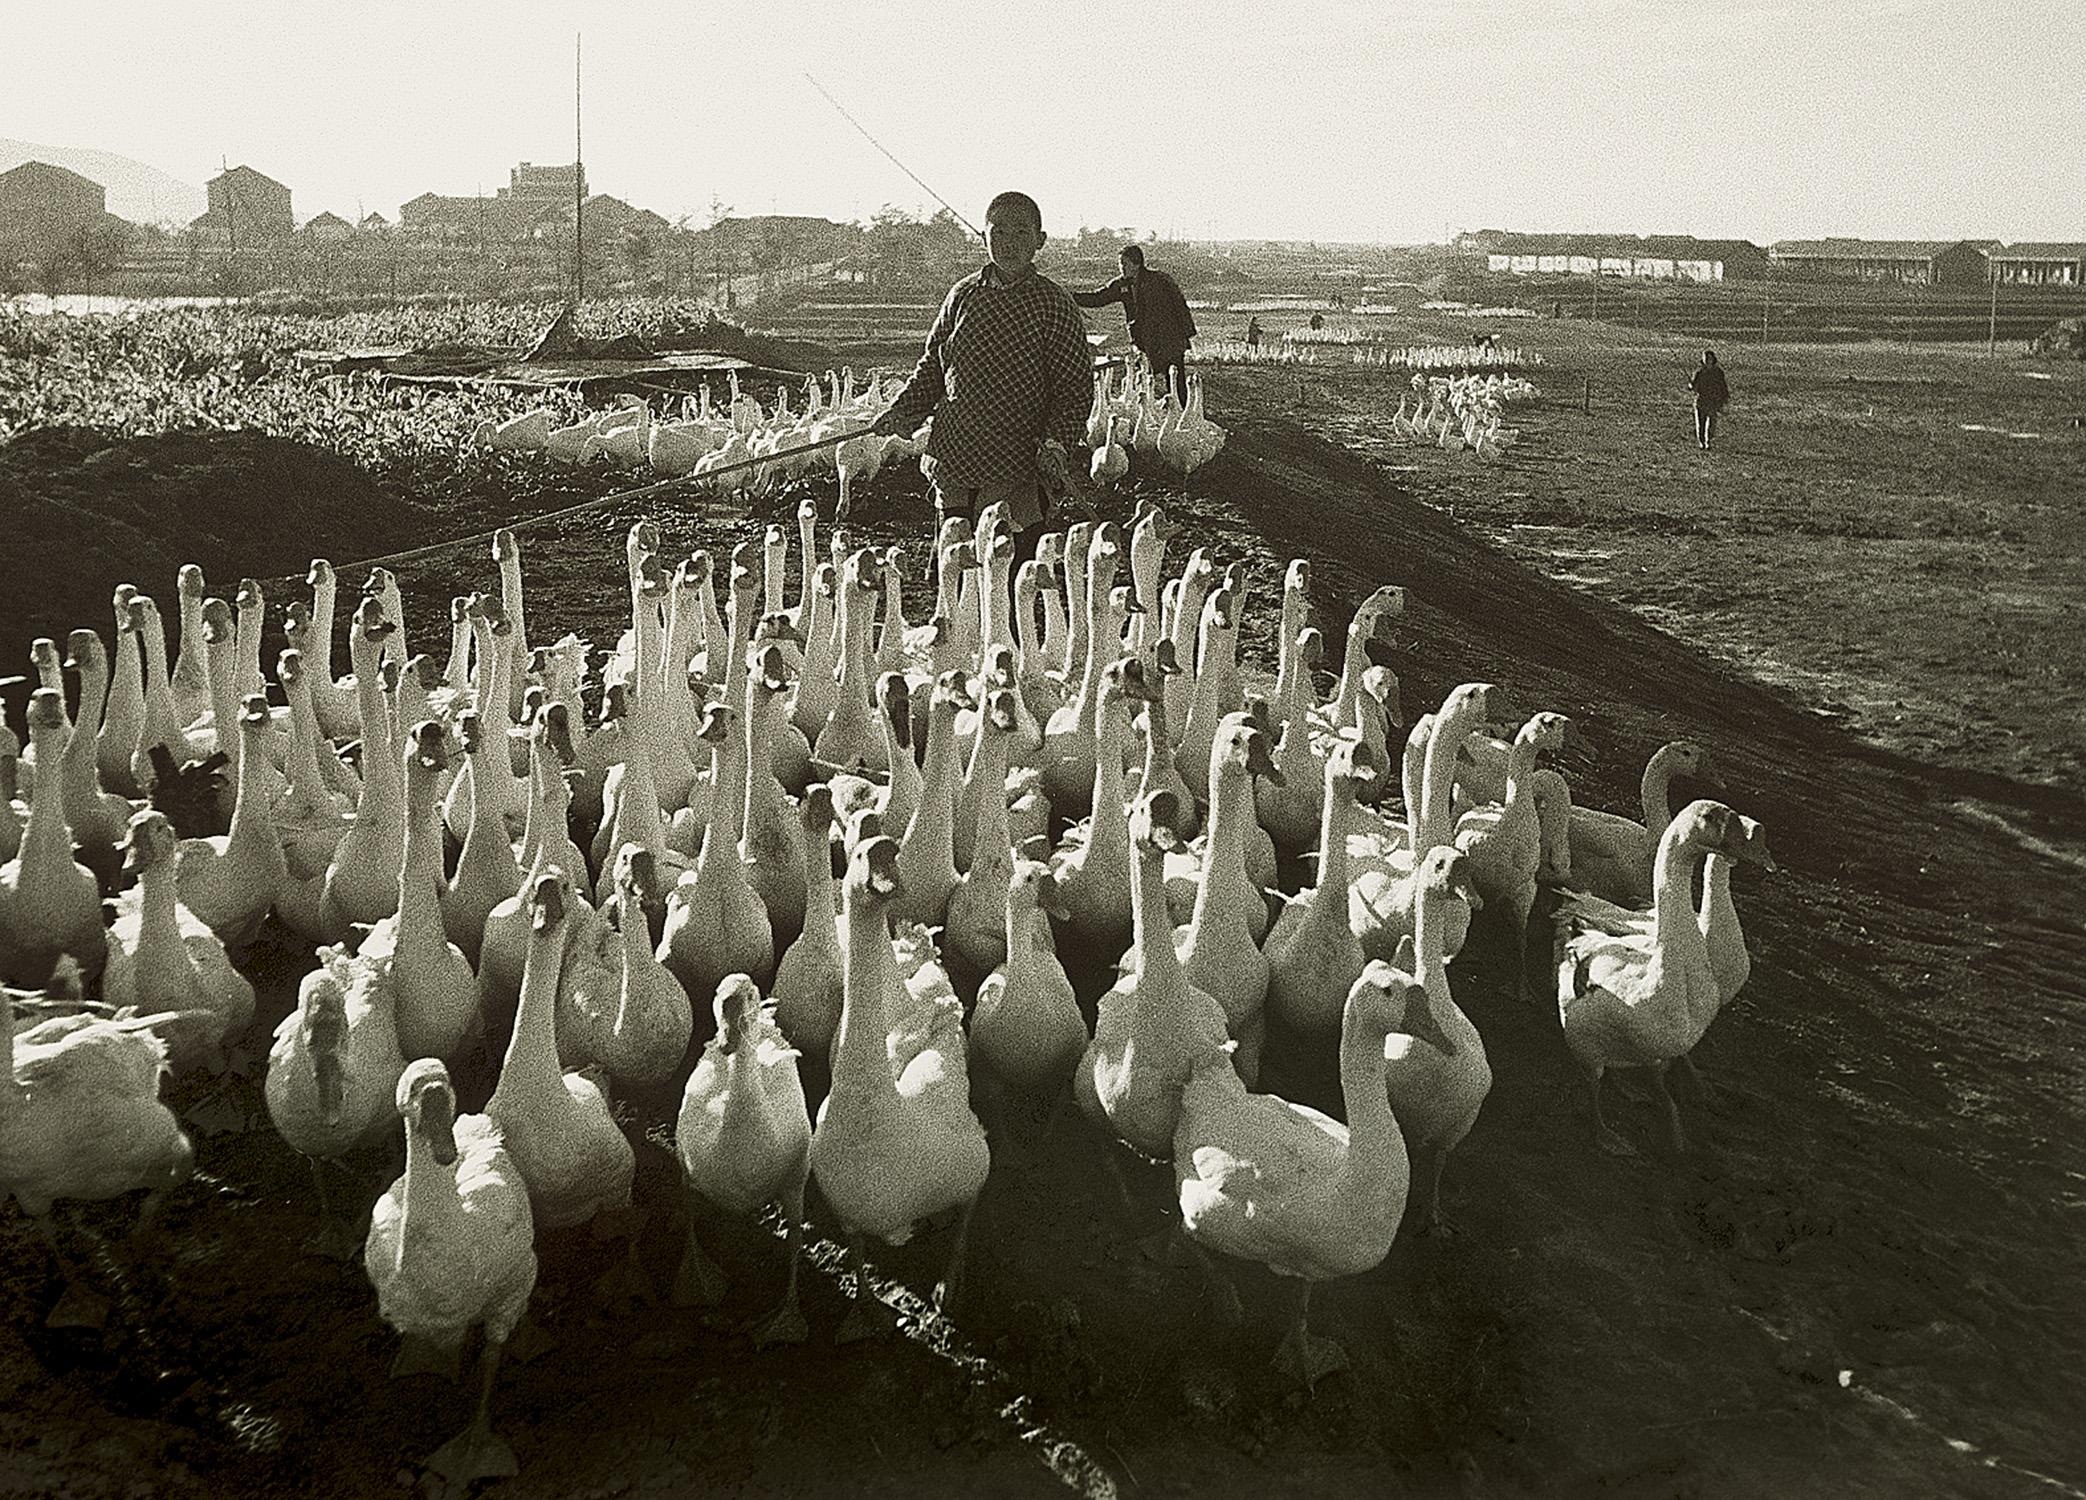 公社的鹅群, Commune gaggle, early 1960 / Courtesy of Jin Hua